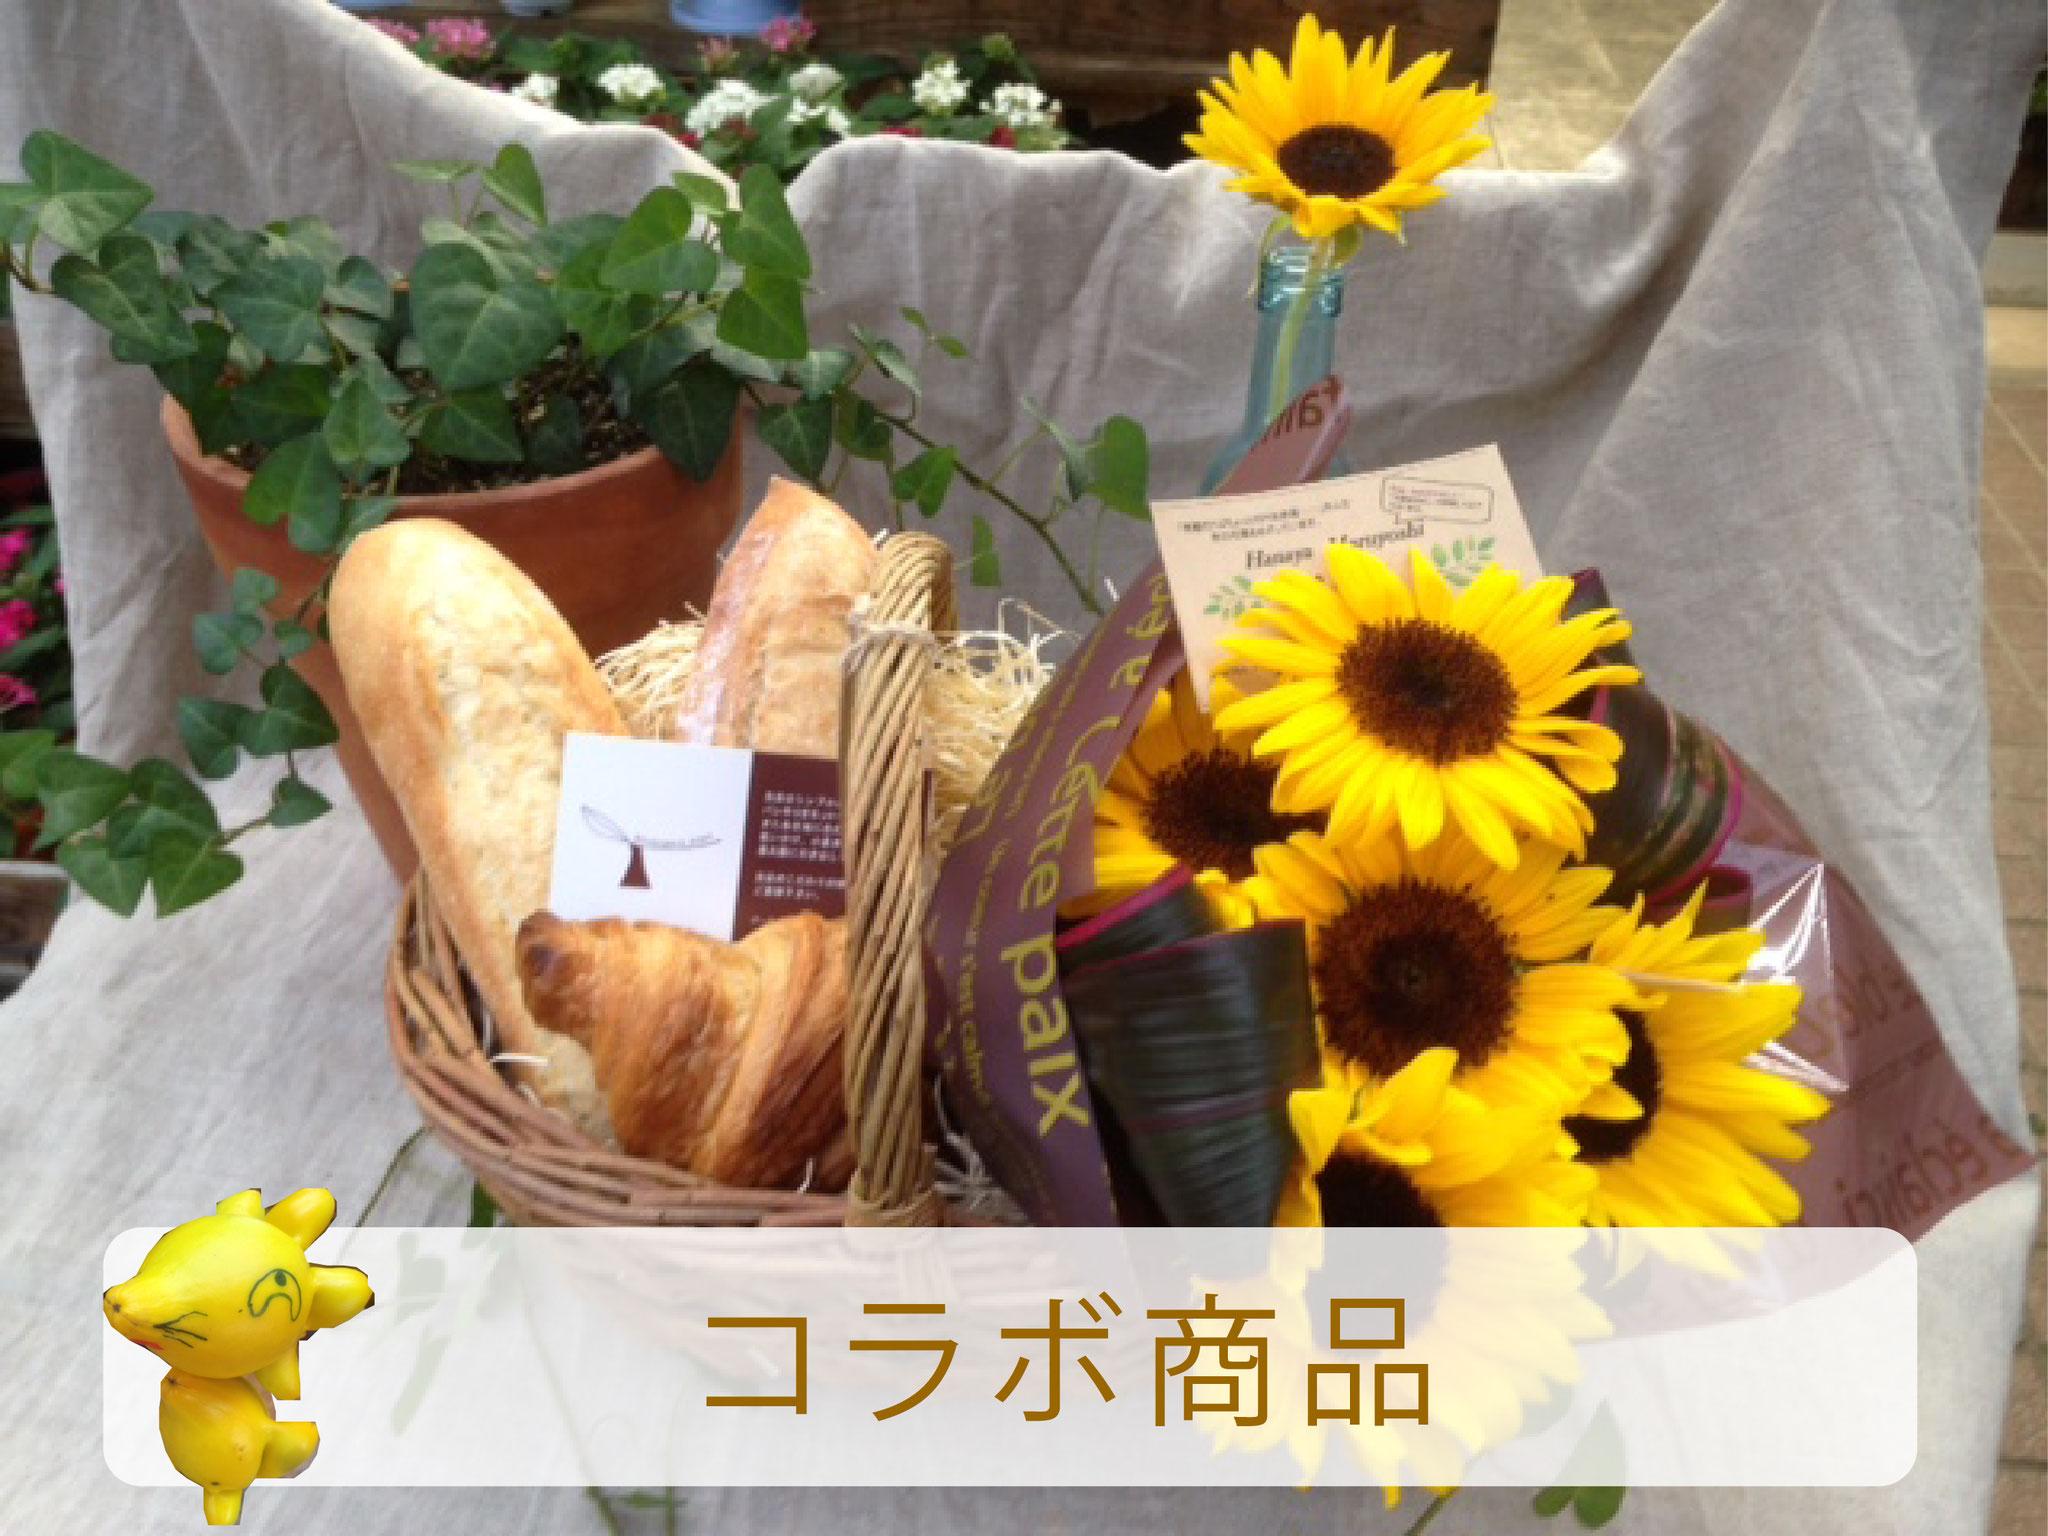 コラボ商品&ショップ紹介